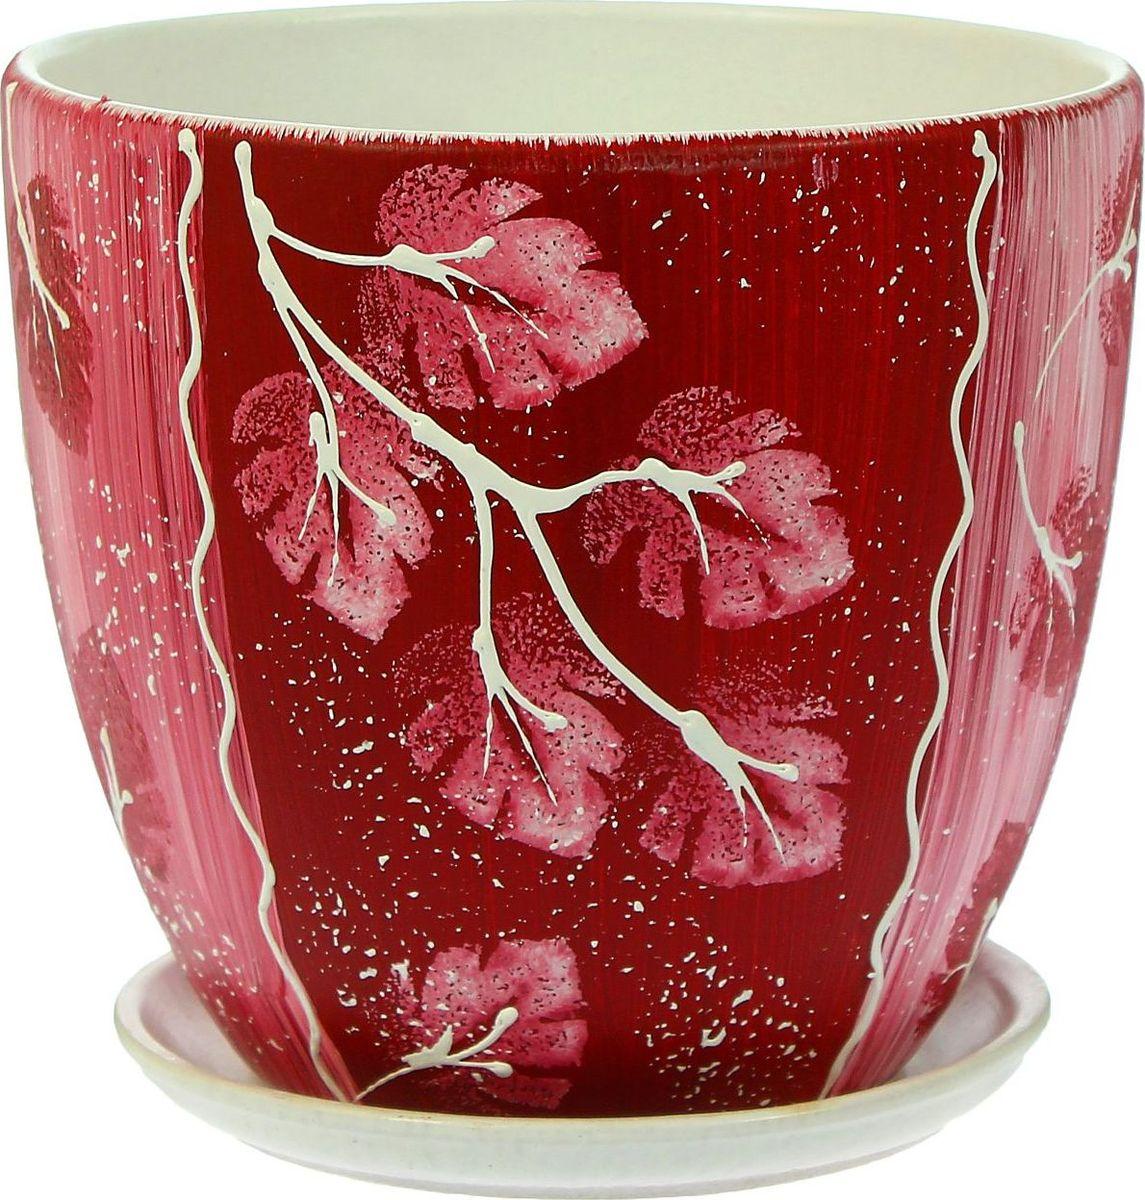 Кашпо Акварель, цвет: бордовый, 2,6 л1403451Комнатные растения — всеобщие любимцы. Они радуют глаз, насыщают помещение кислородом и украшают пространство. Каждому из них необходим свой удобный и красивый дом. Кашпо из керамики прекрасно подходят для высадки растений: за счёт пластичности глины и разных способов обработки существует великое множество форм и дизайновпористый материал позволяет испаряться лишней влагевоздух, необходимый для дыхания корней, проникает сквозь керамические стенки! #name# позаботится о зелёном питомце, освежит интерьер и подчеркнёт его стиль.